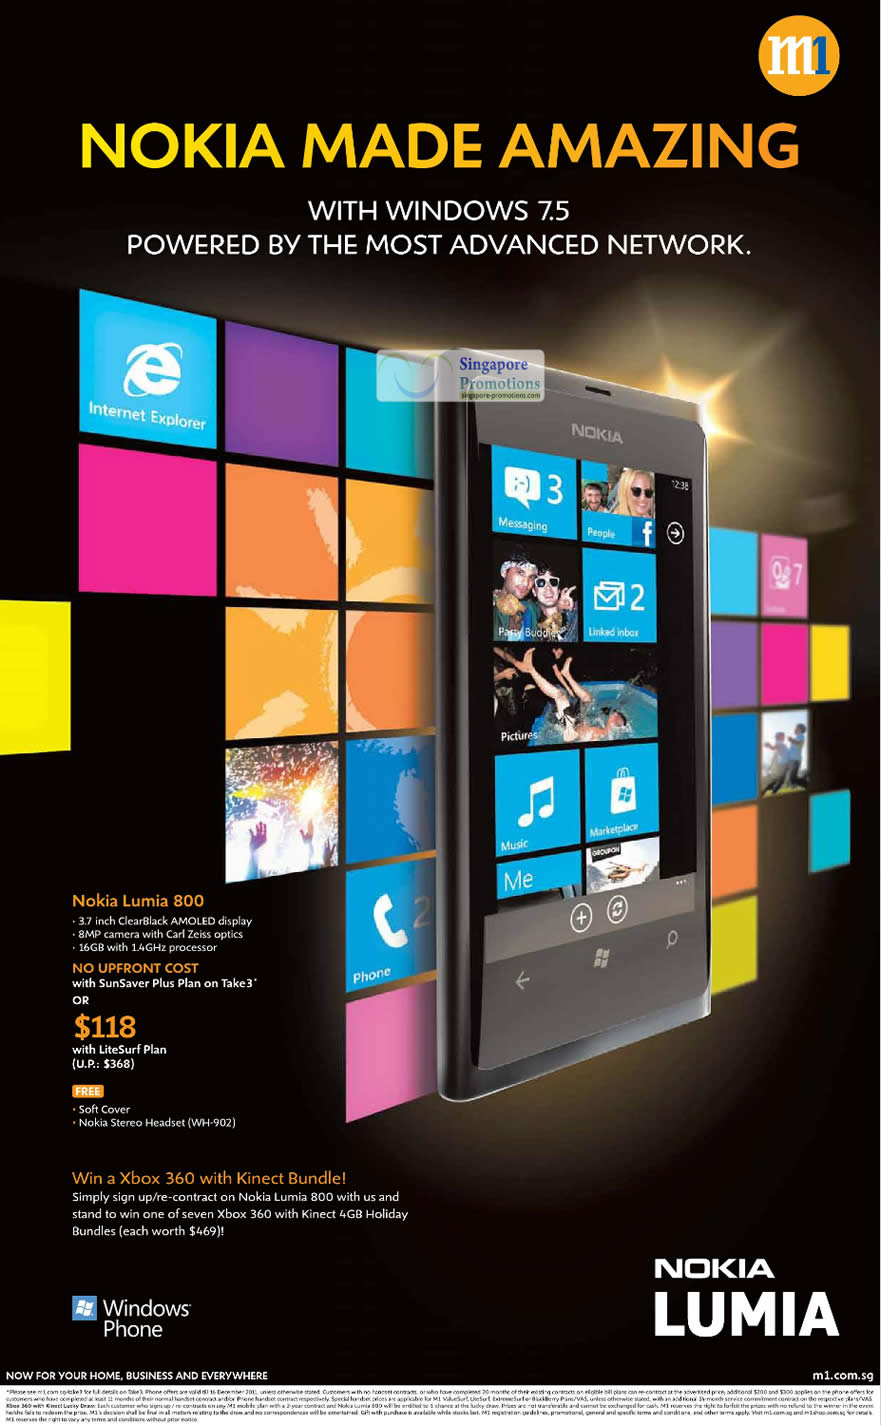 Nokia Lumia 800 M1, Xbox 360